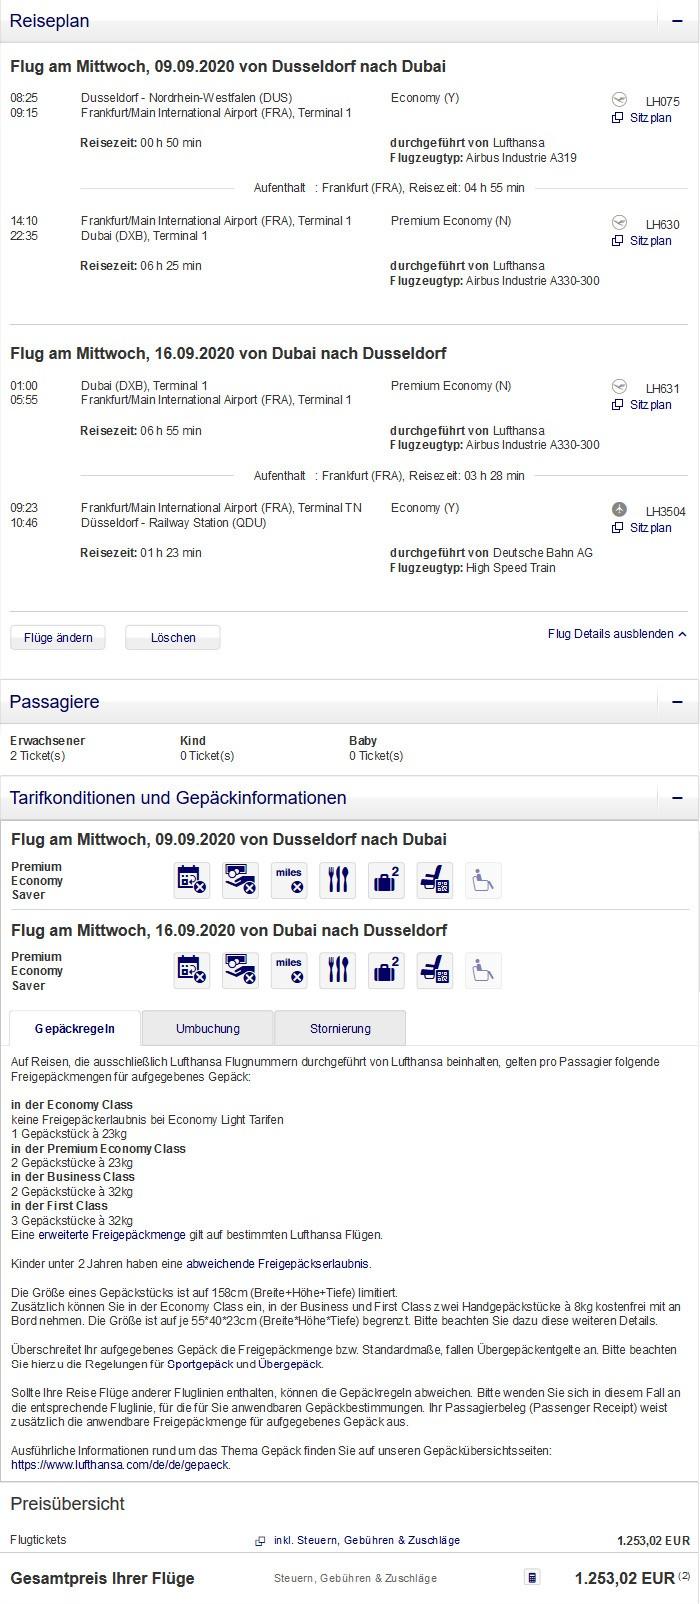 Preisbeispiel für Partnertarif von Düsseldorf nach Dubai in der Lufthansa Premium-Economy-Class